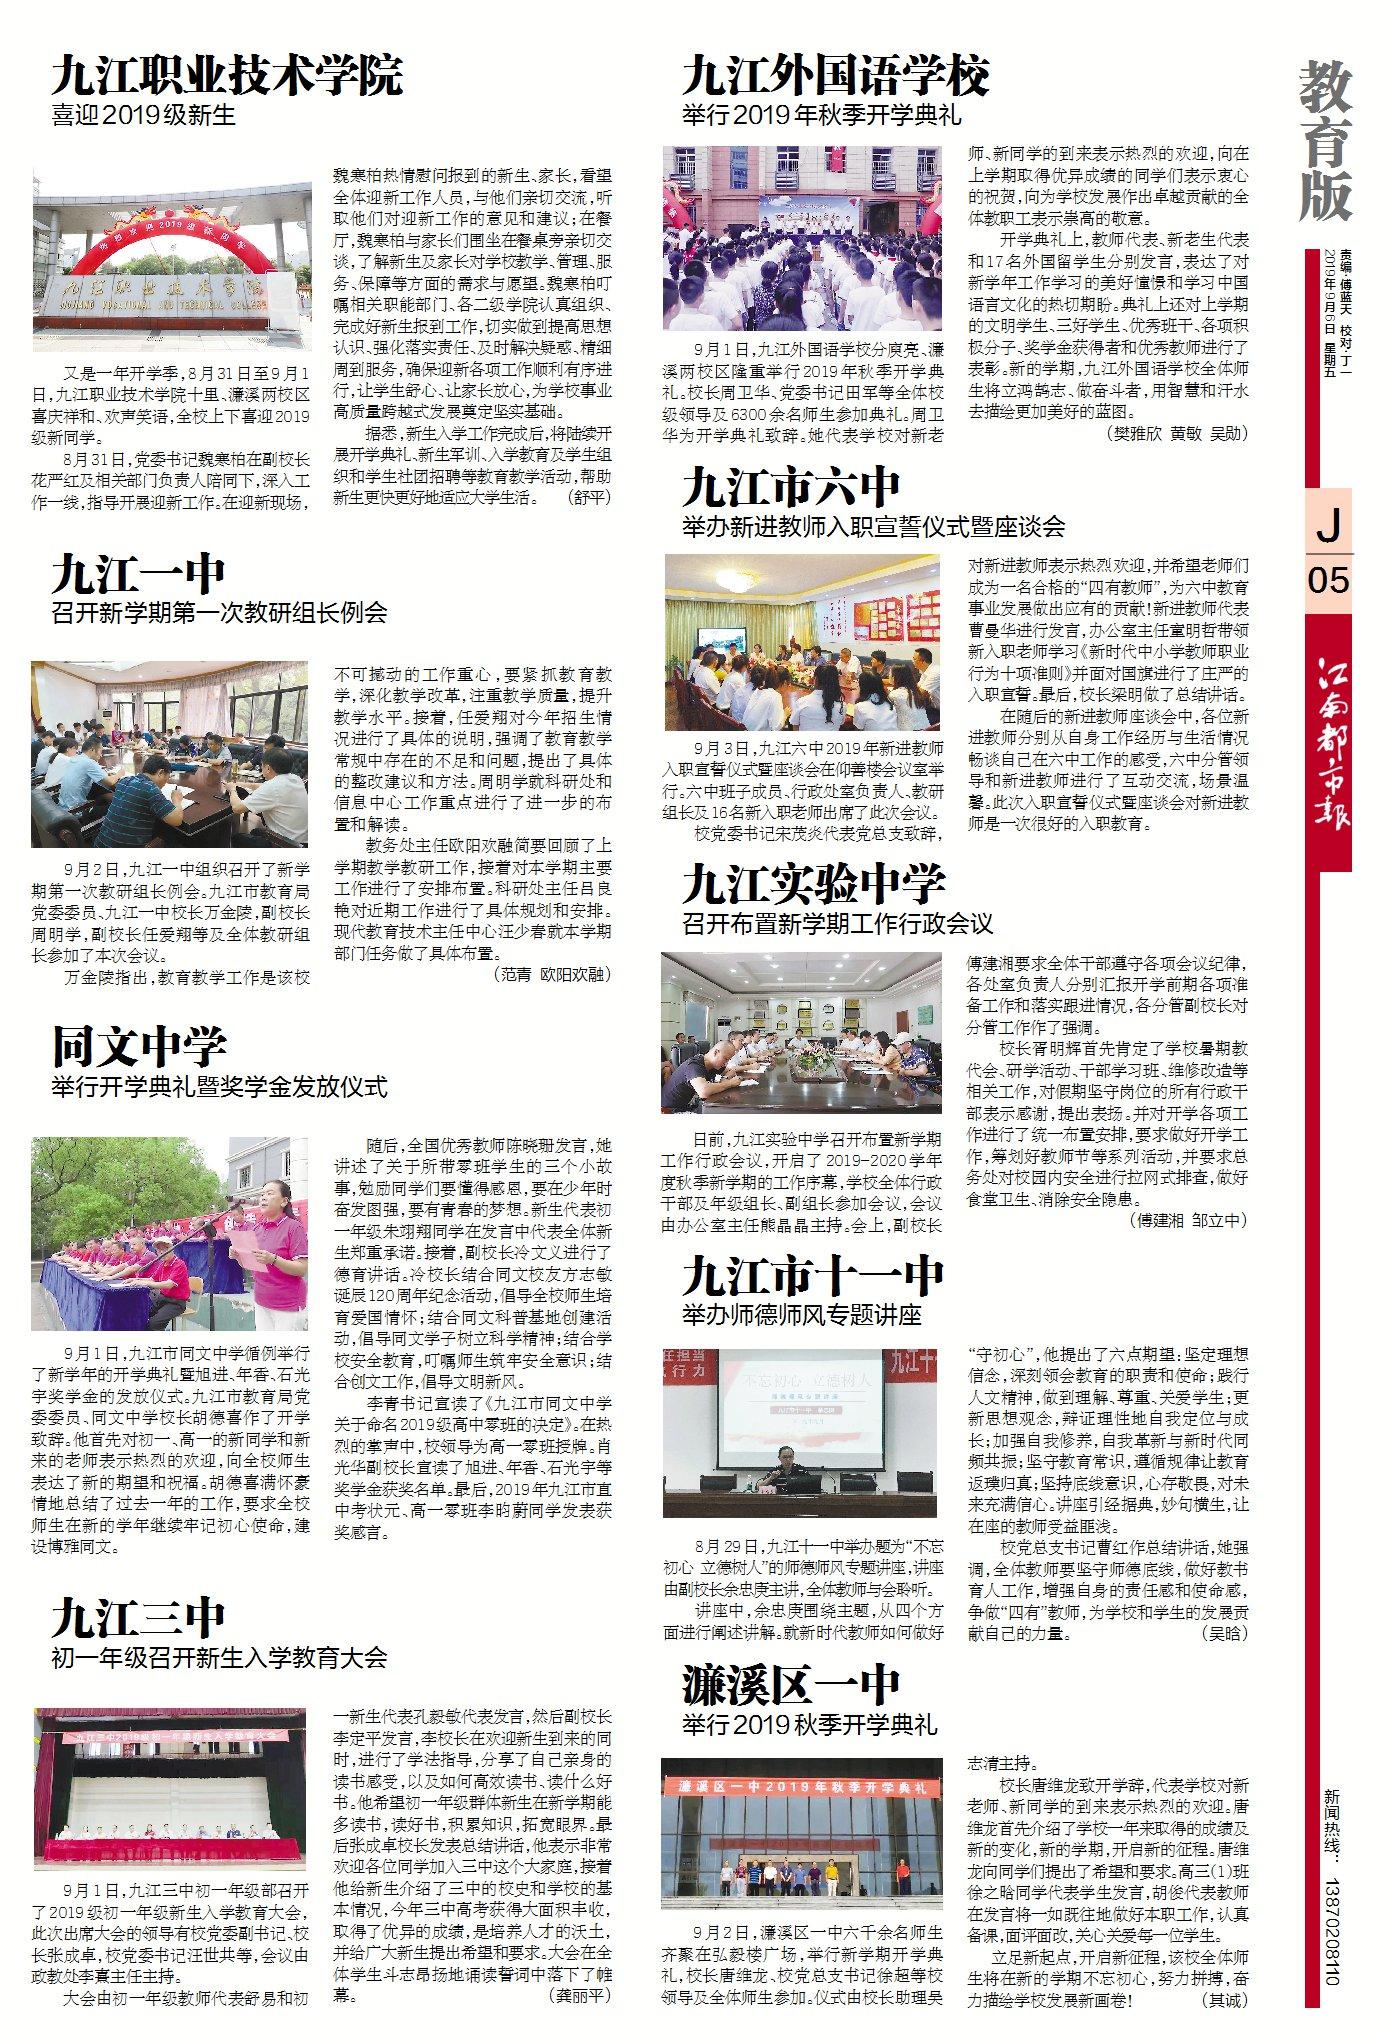 2019年9月6日江南都市报《亚博体育app苹果新闻》5版